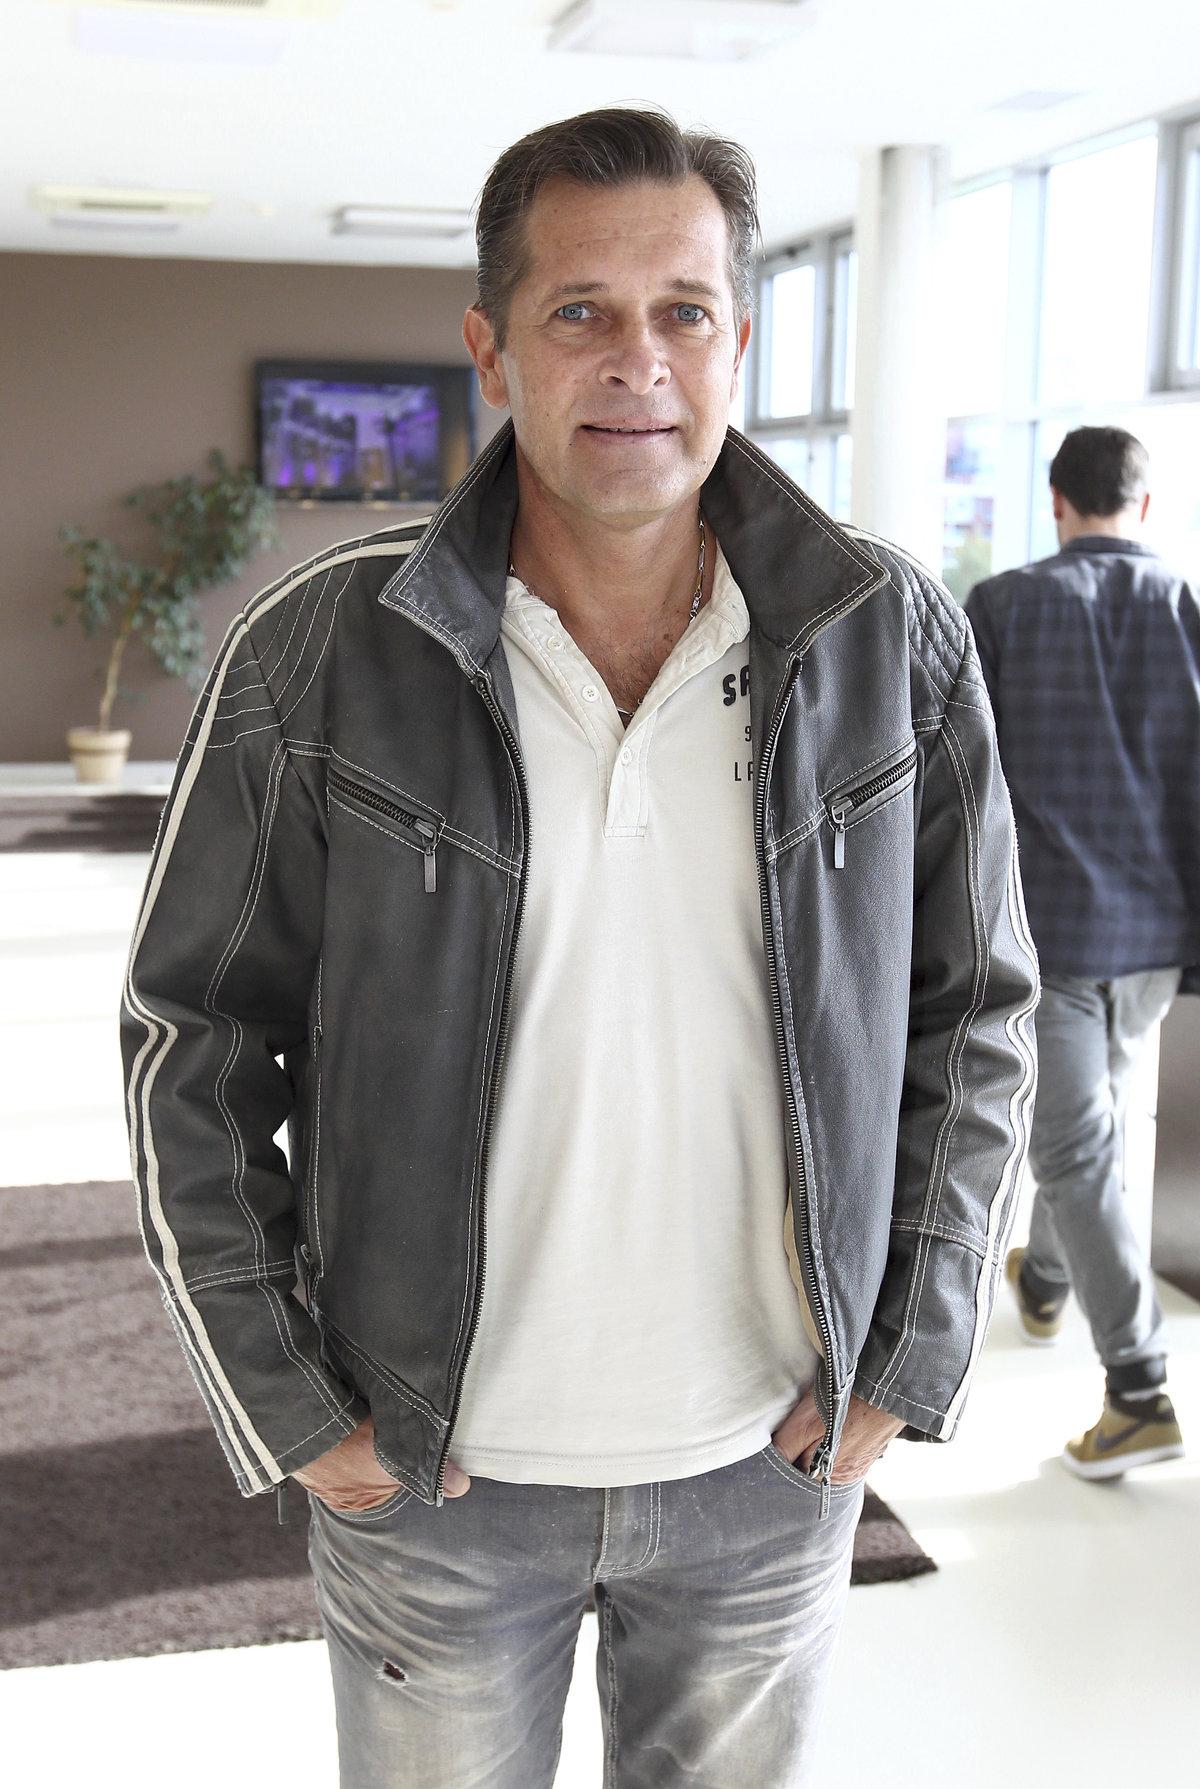 Martin Pouva